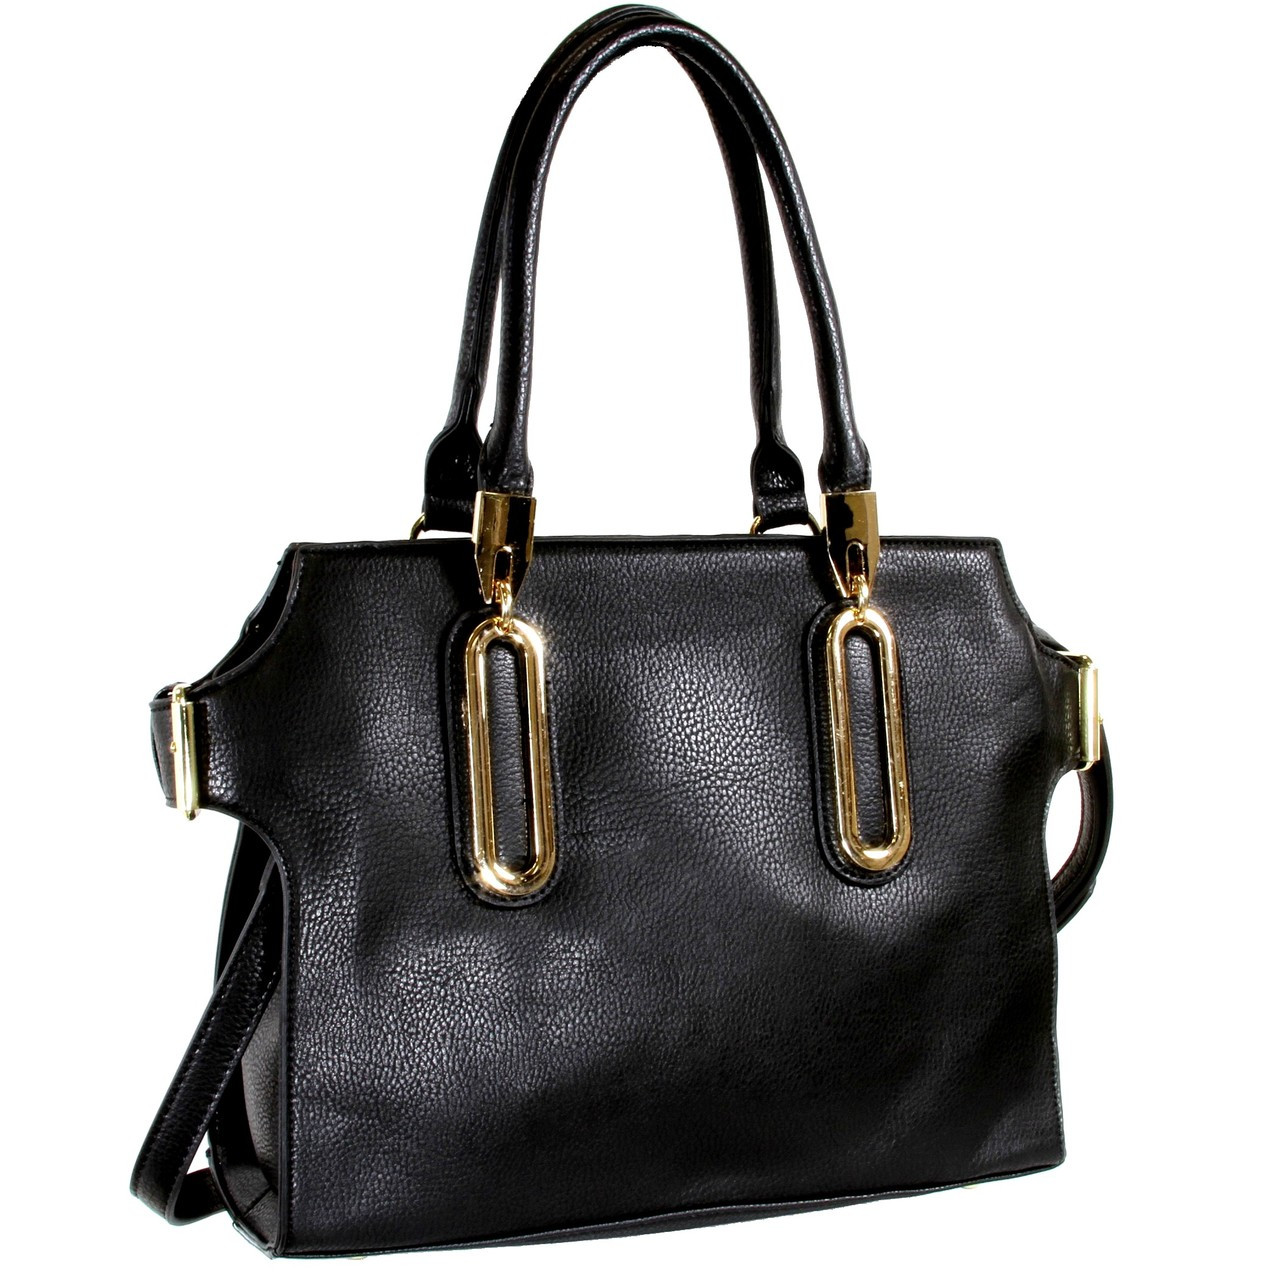 5b7346435806 Alyssa Elegant Designer Inspired Faux Leather Tote Shoulder Bag ...